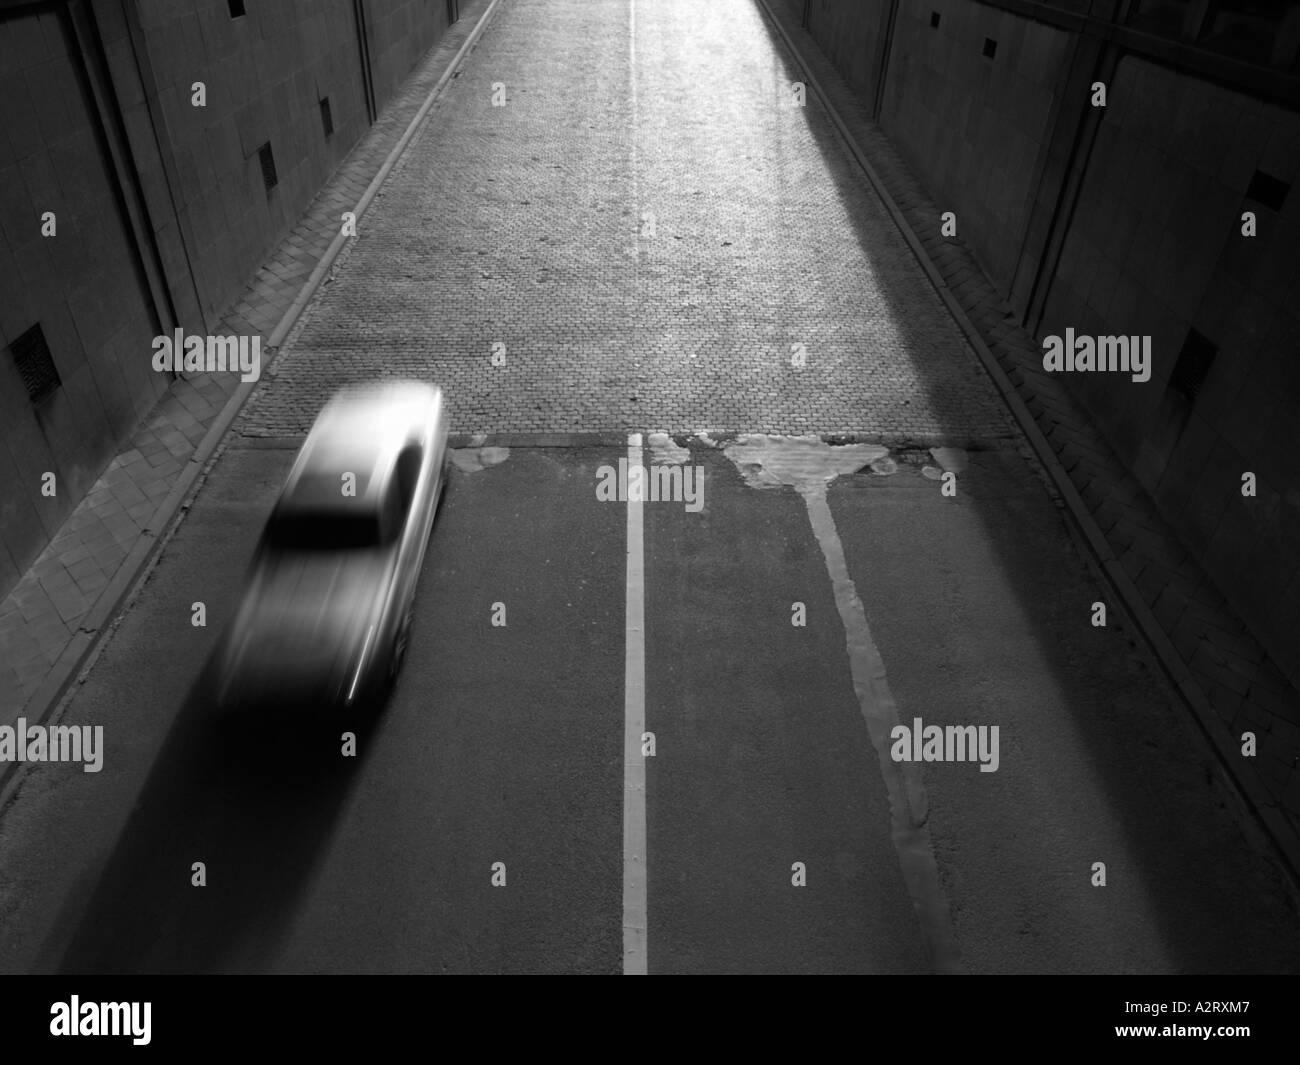 Prata carro Mercedes acelerando em túnel Bruxelas Bélgica desfocagens monocromático preto e branco Imagens de Stock